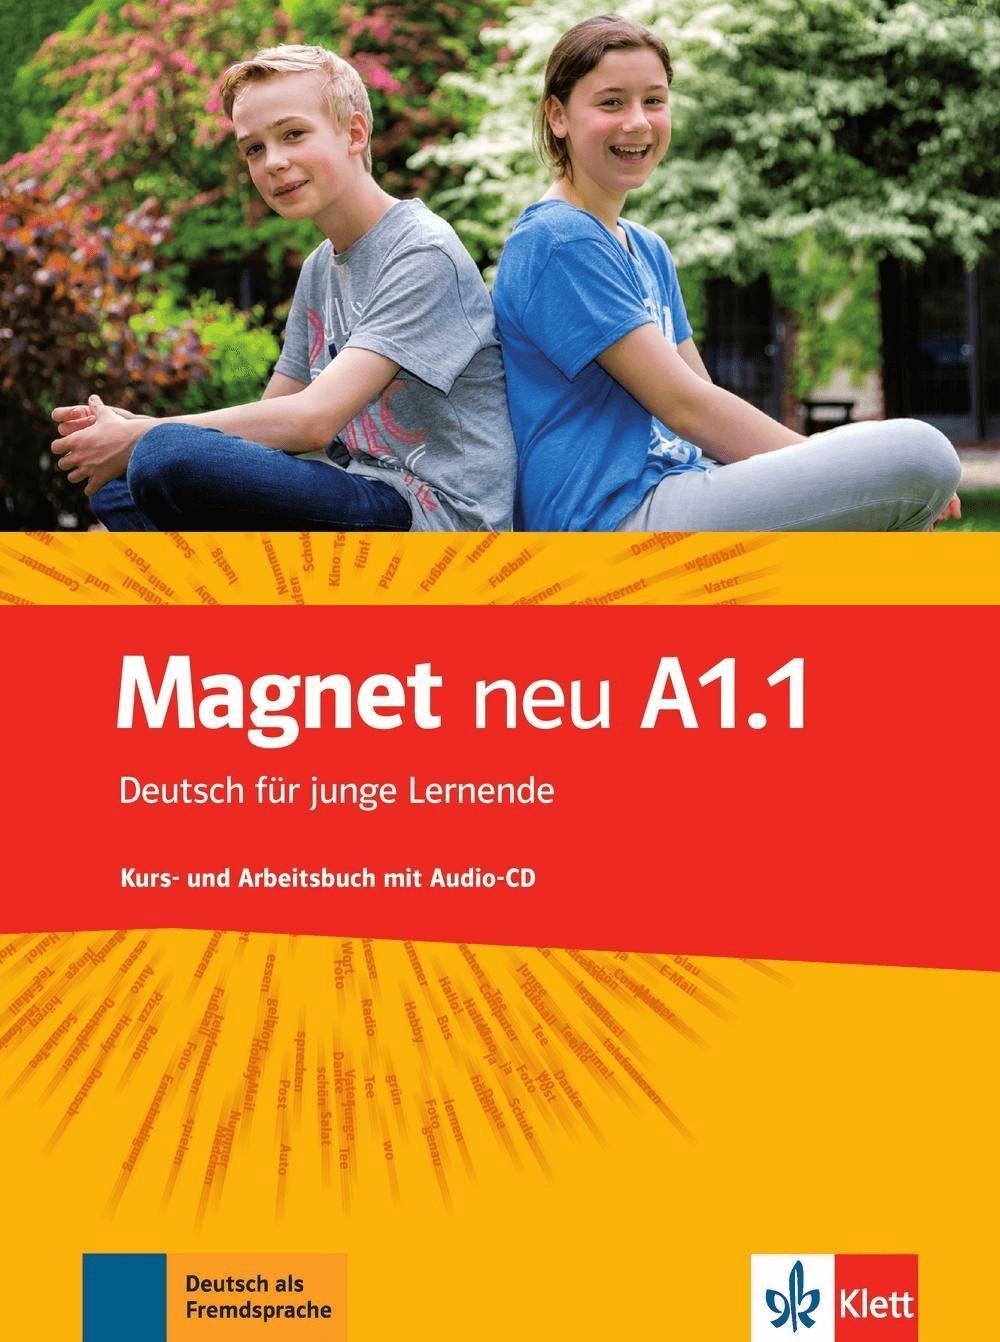 Magnet neu A1.1. Kurs- und Arbeitsbuch mit Audio-CD